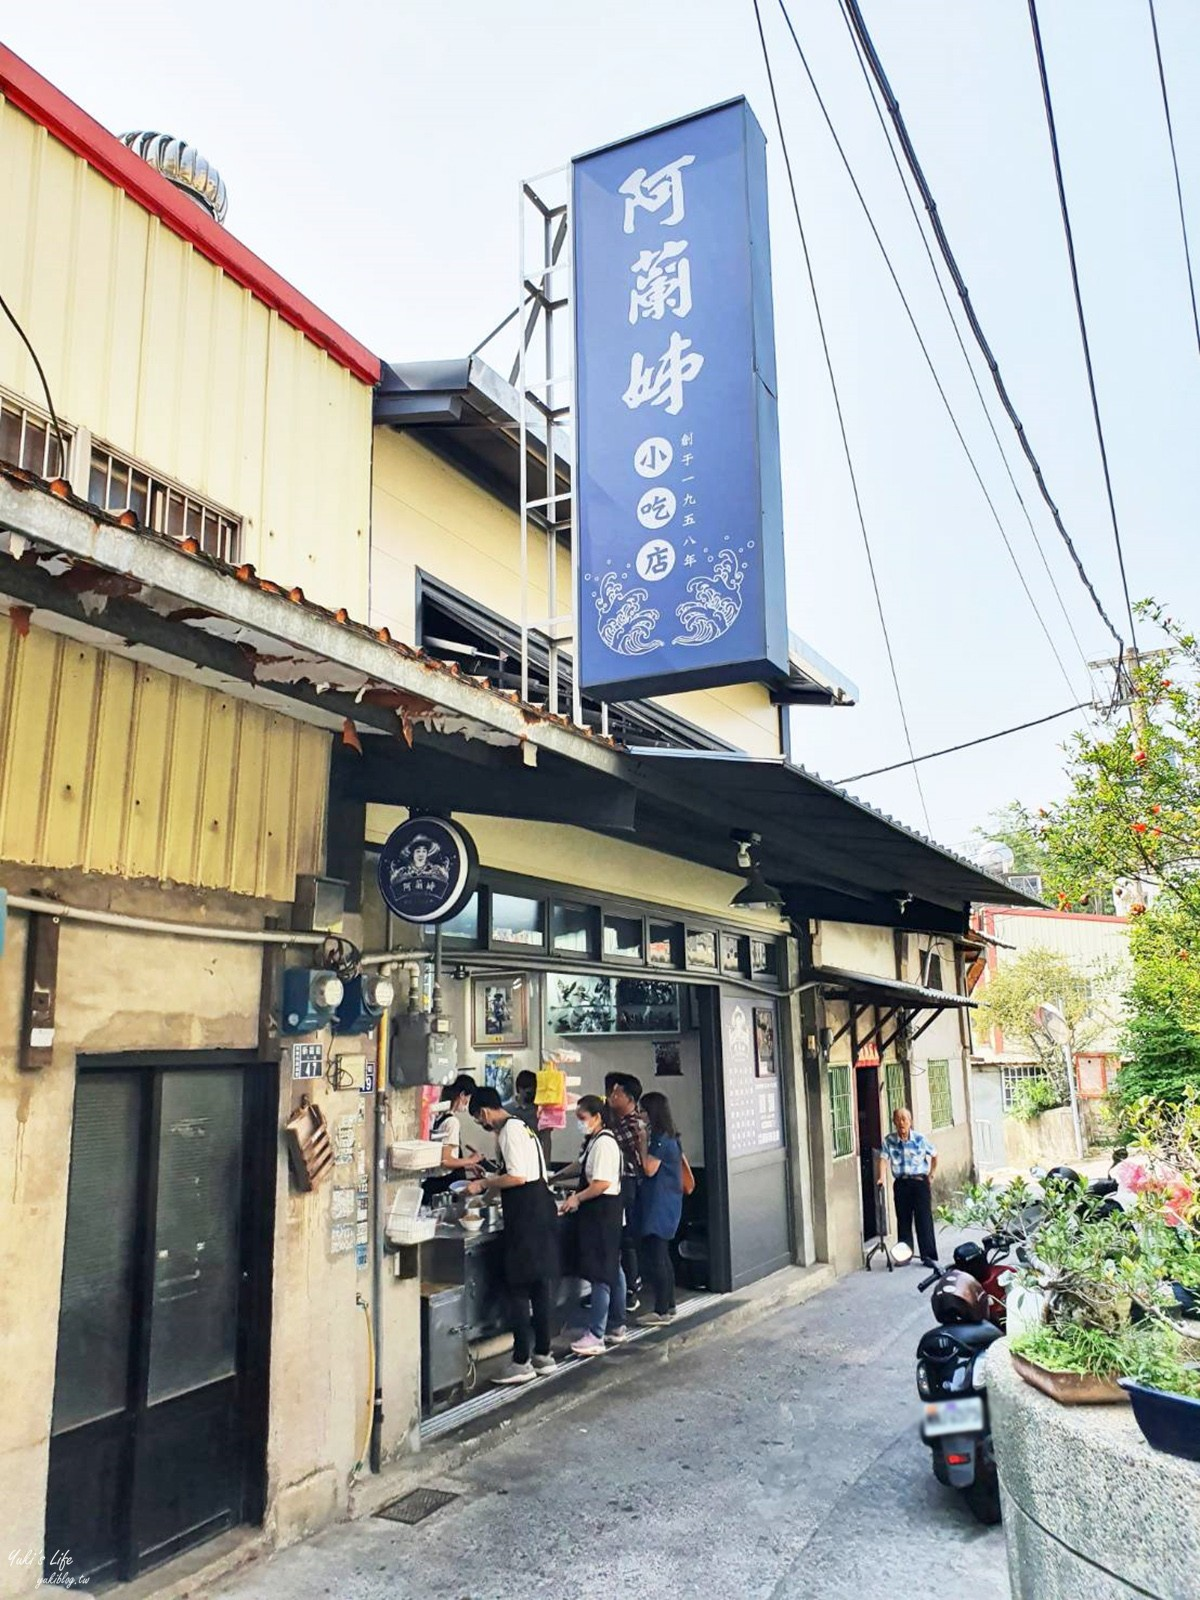 苗栗美食推薦》阿蘭姊小吃店,一碗6顆30元銅板價排隊水晶餃超有Q勁(阿蘭姐菜單) - yukiblog.tw